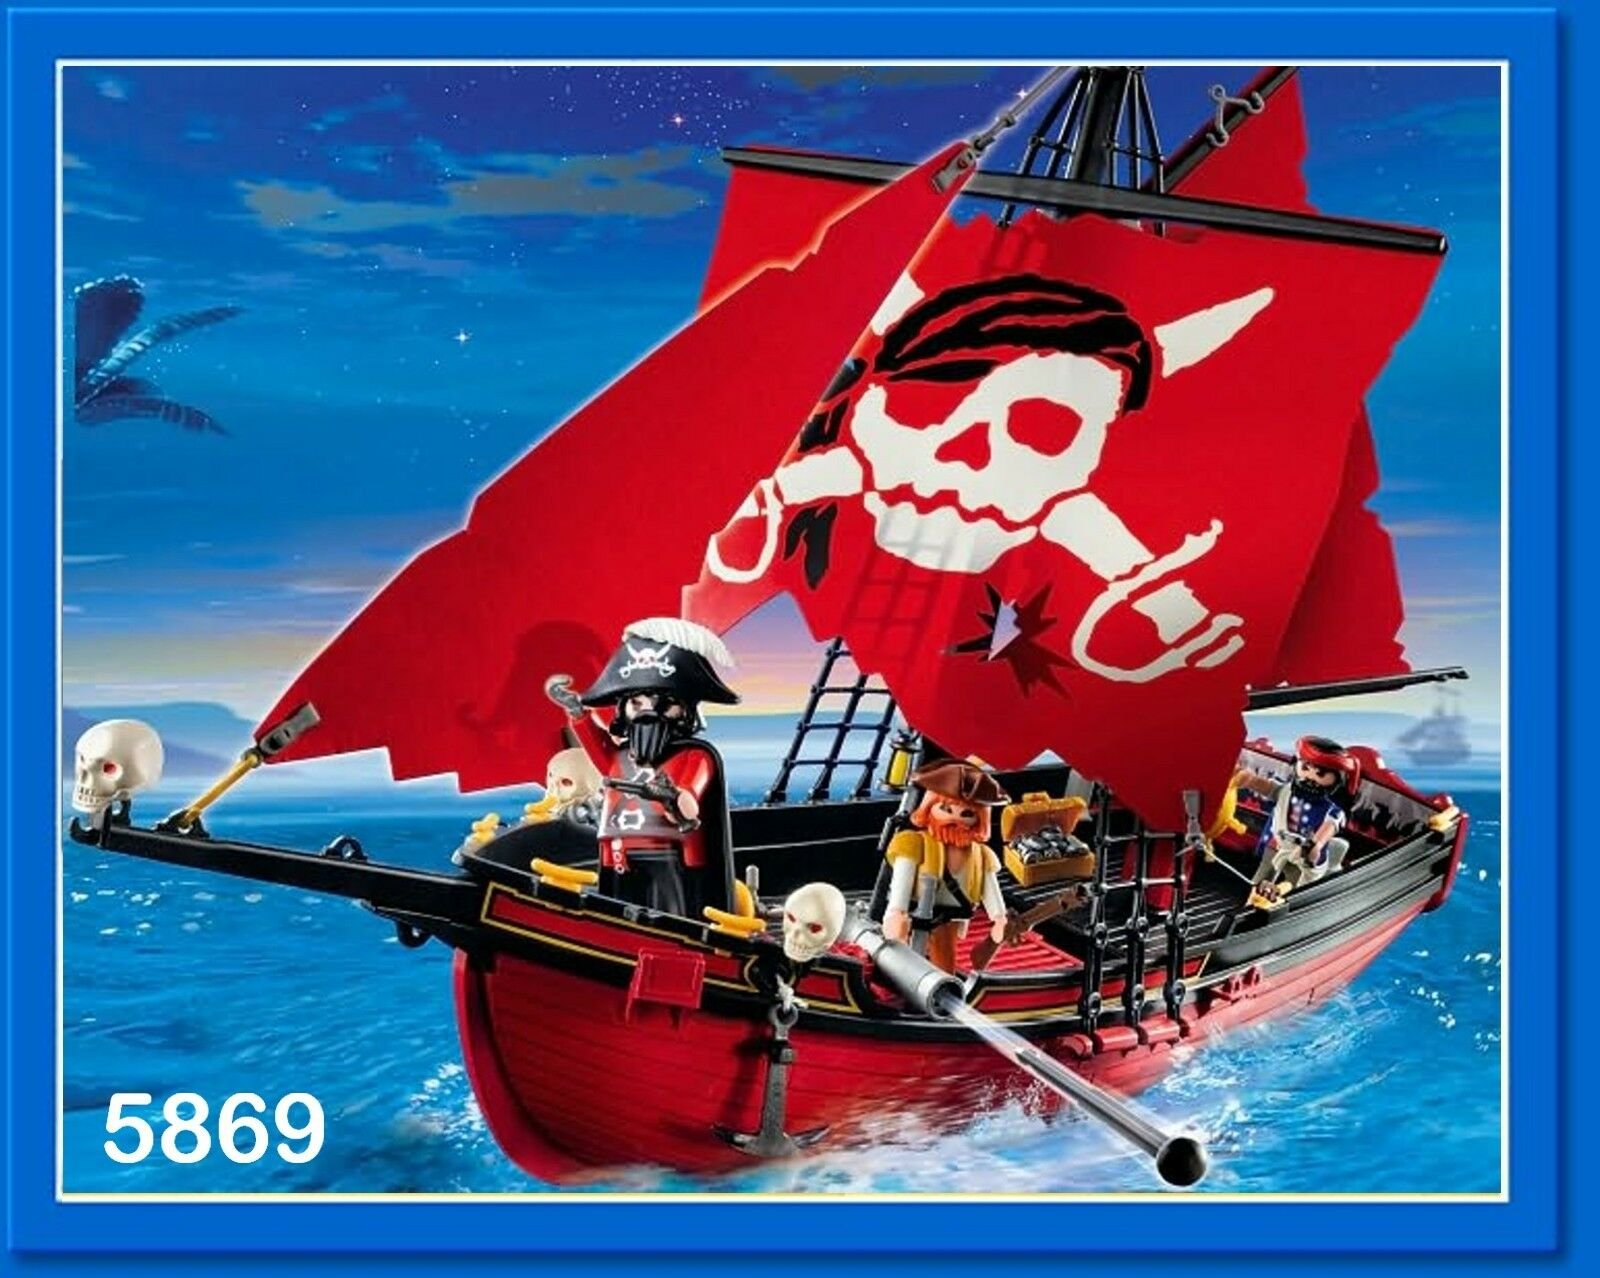 Playmobil Barco Barco Barco Pirata * 3174 3860 5238 5778 5810 5869 * * Servicio de piezas de repuesto bab487